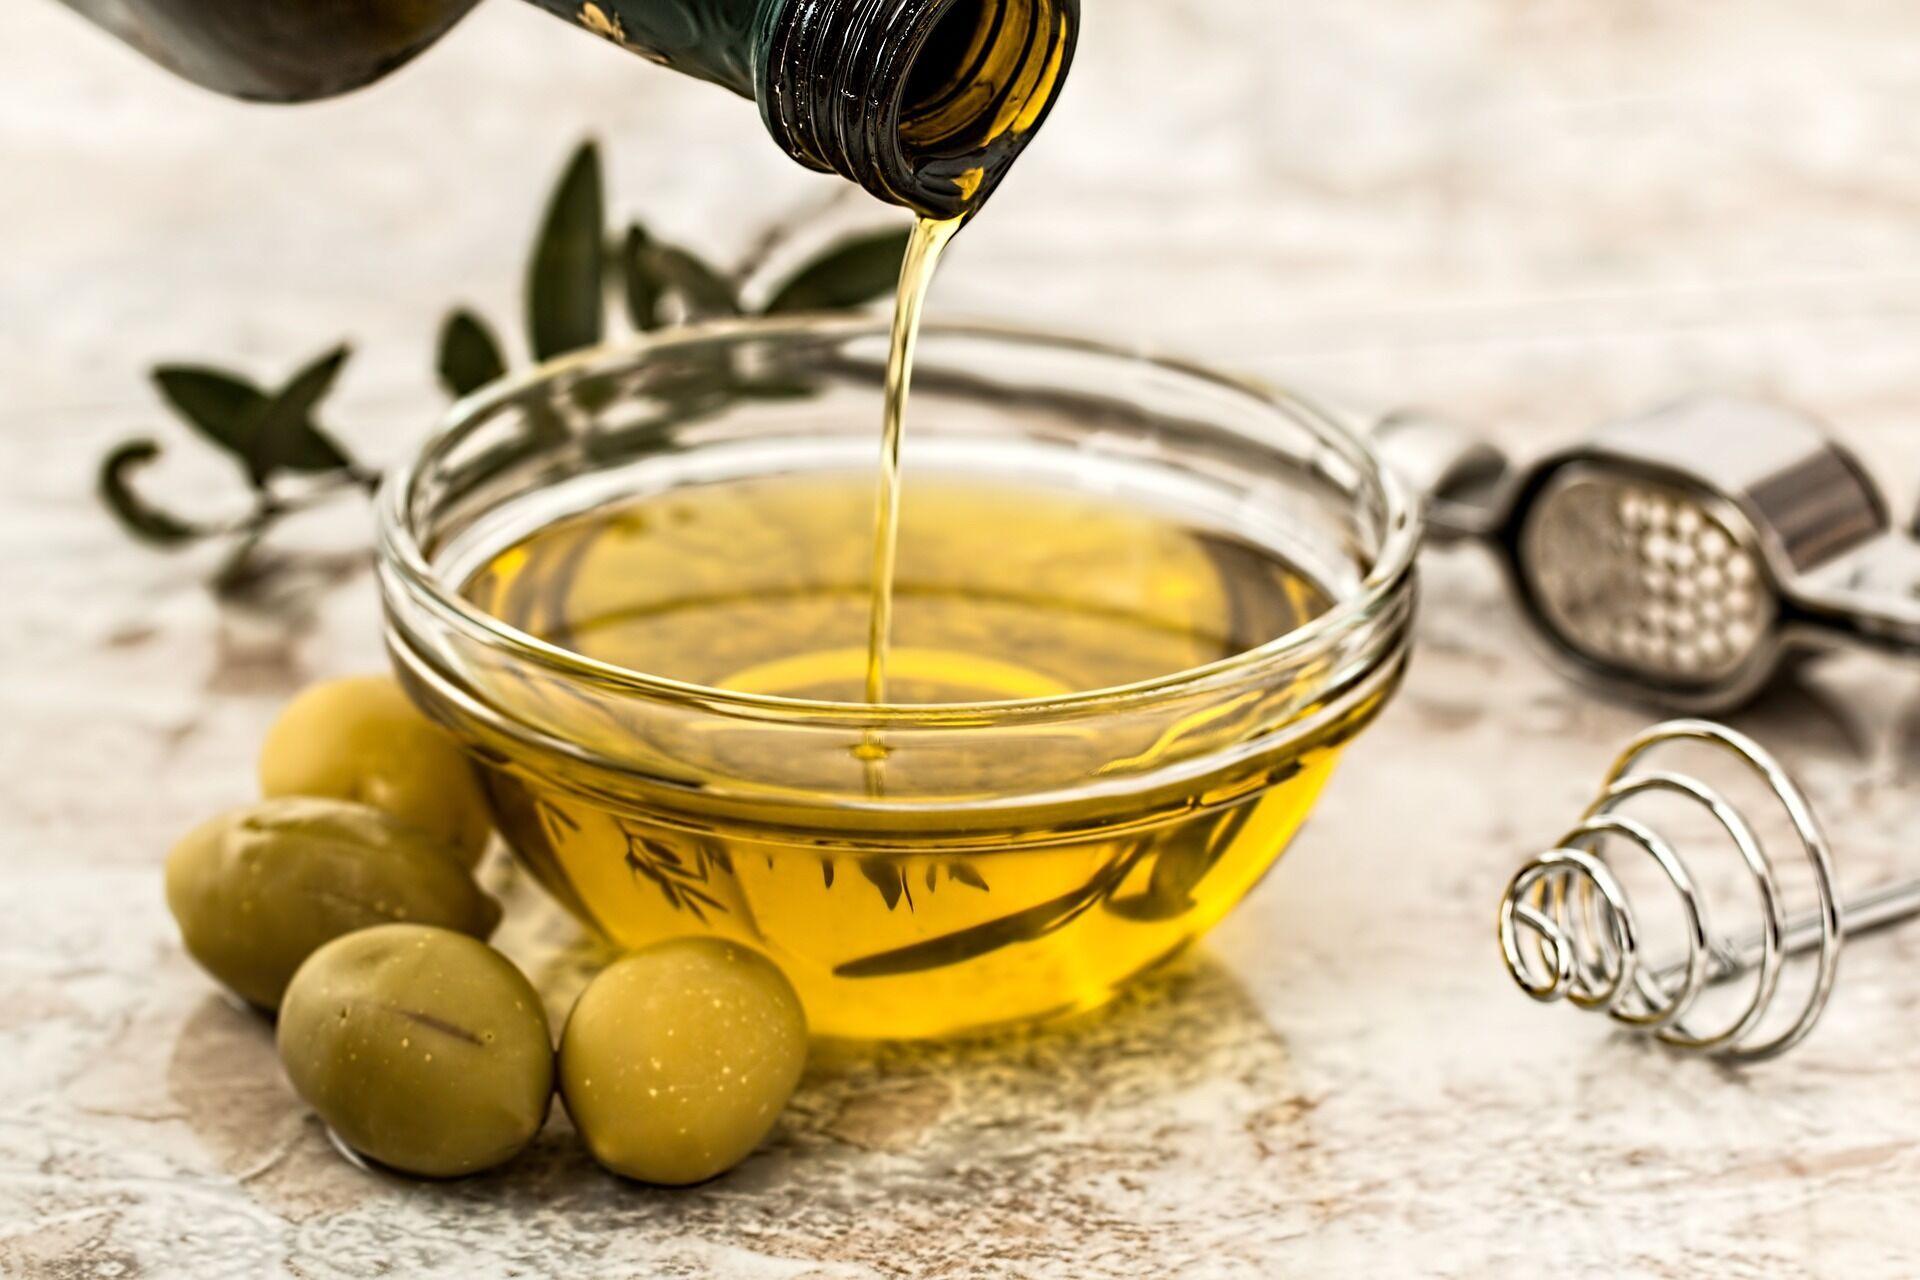 Оливковое масло содержит ненасыщенные жиры, полезные для сердца